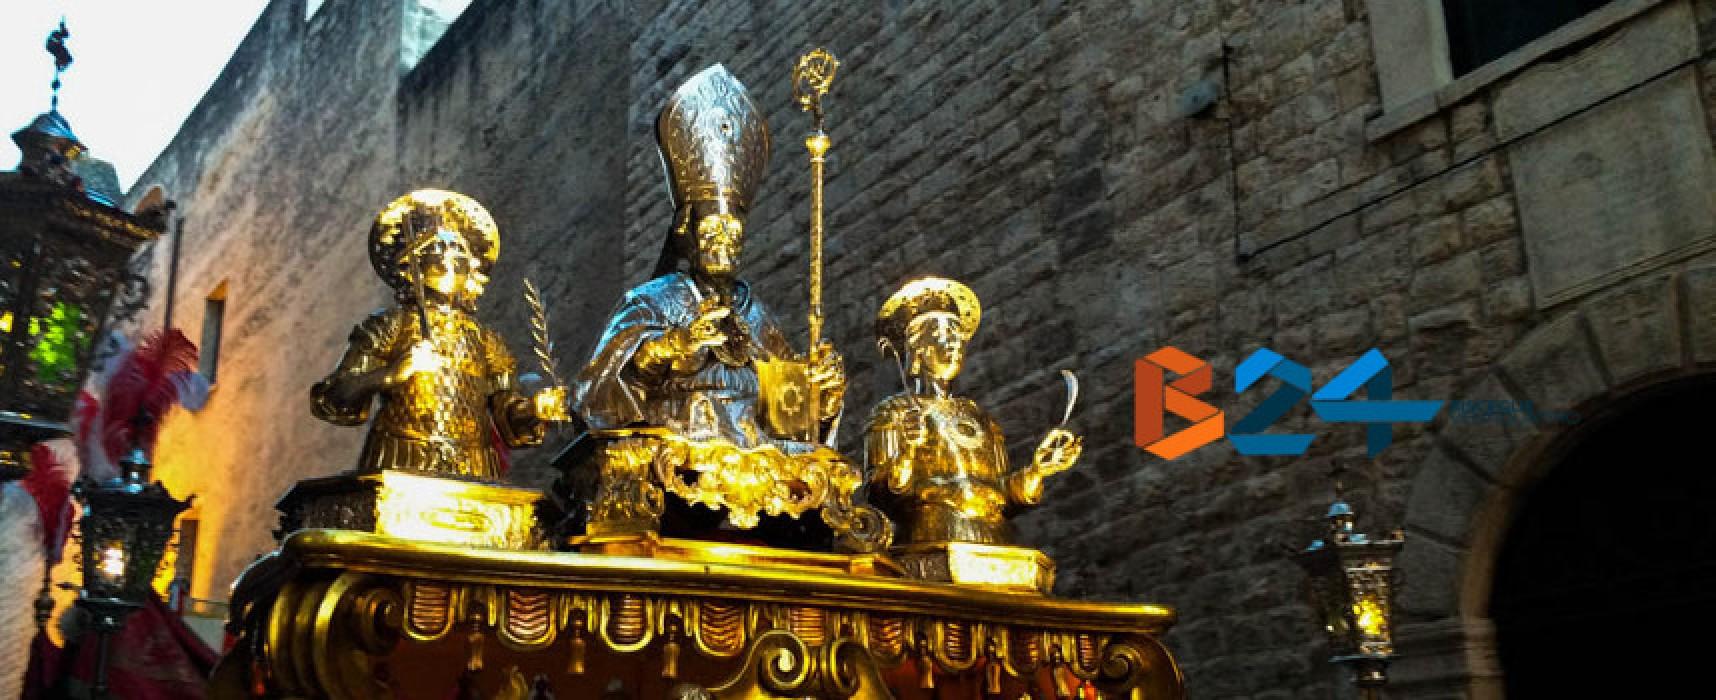 Dedicazione Cattedrale Bisceglie e Ritrovamento reliquie santi patroni in diretta Facebook